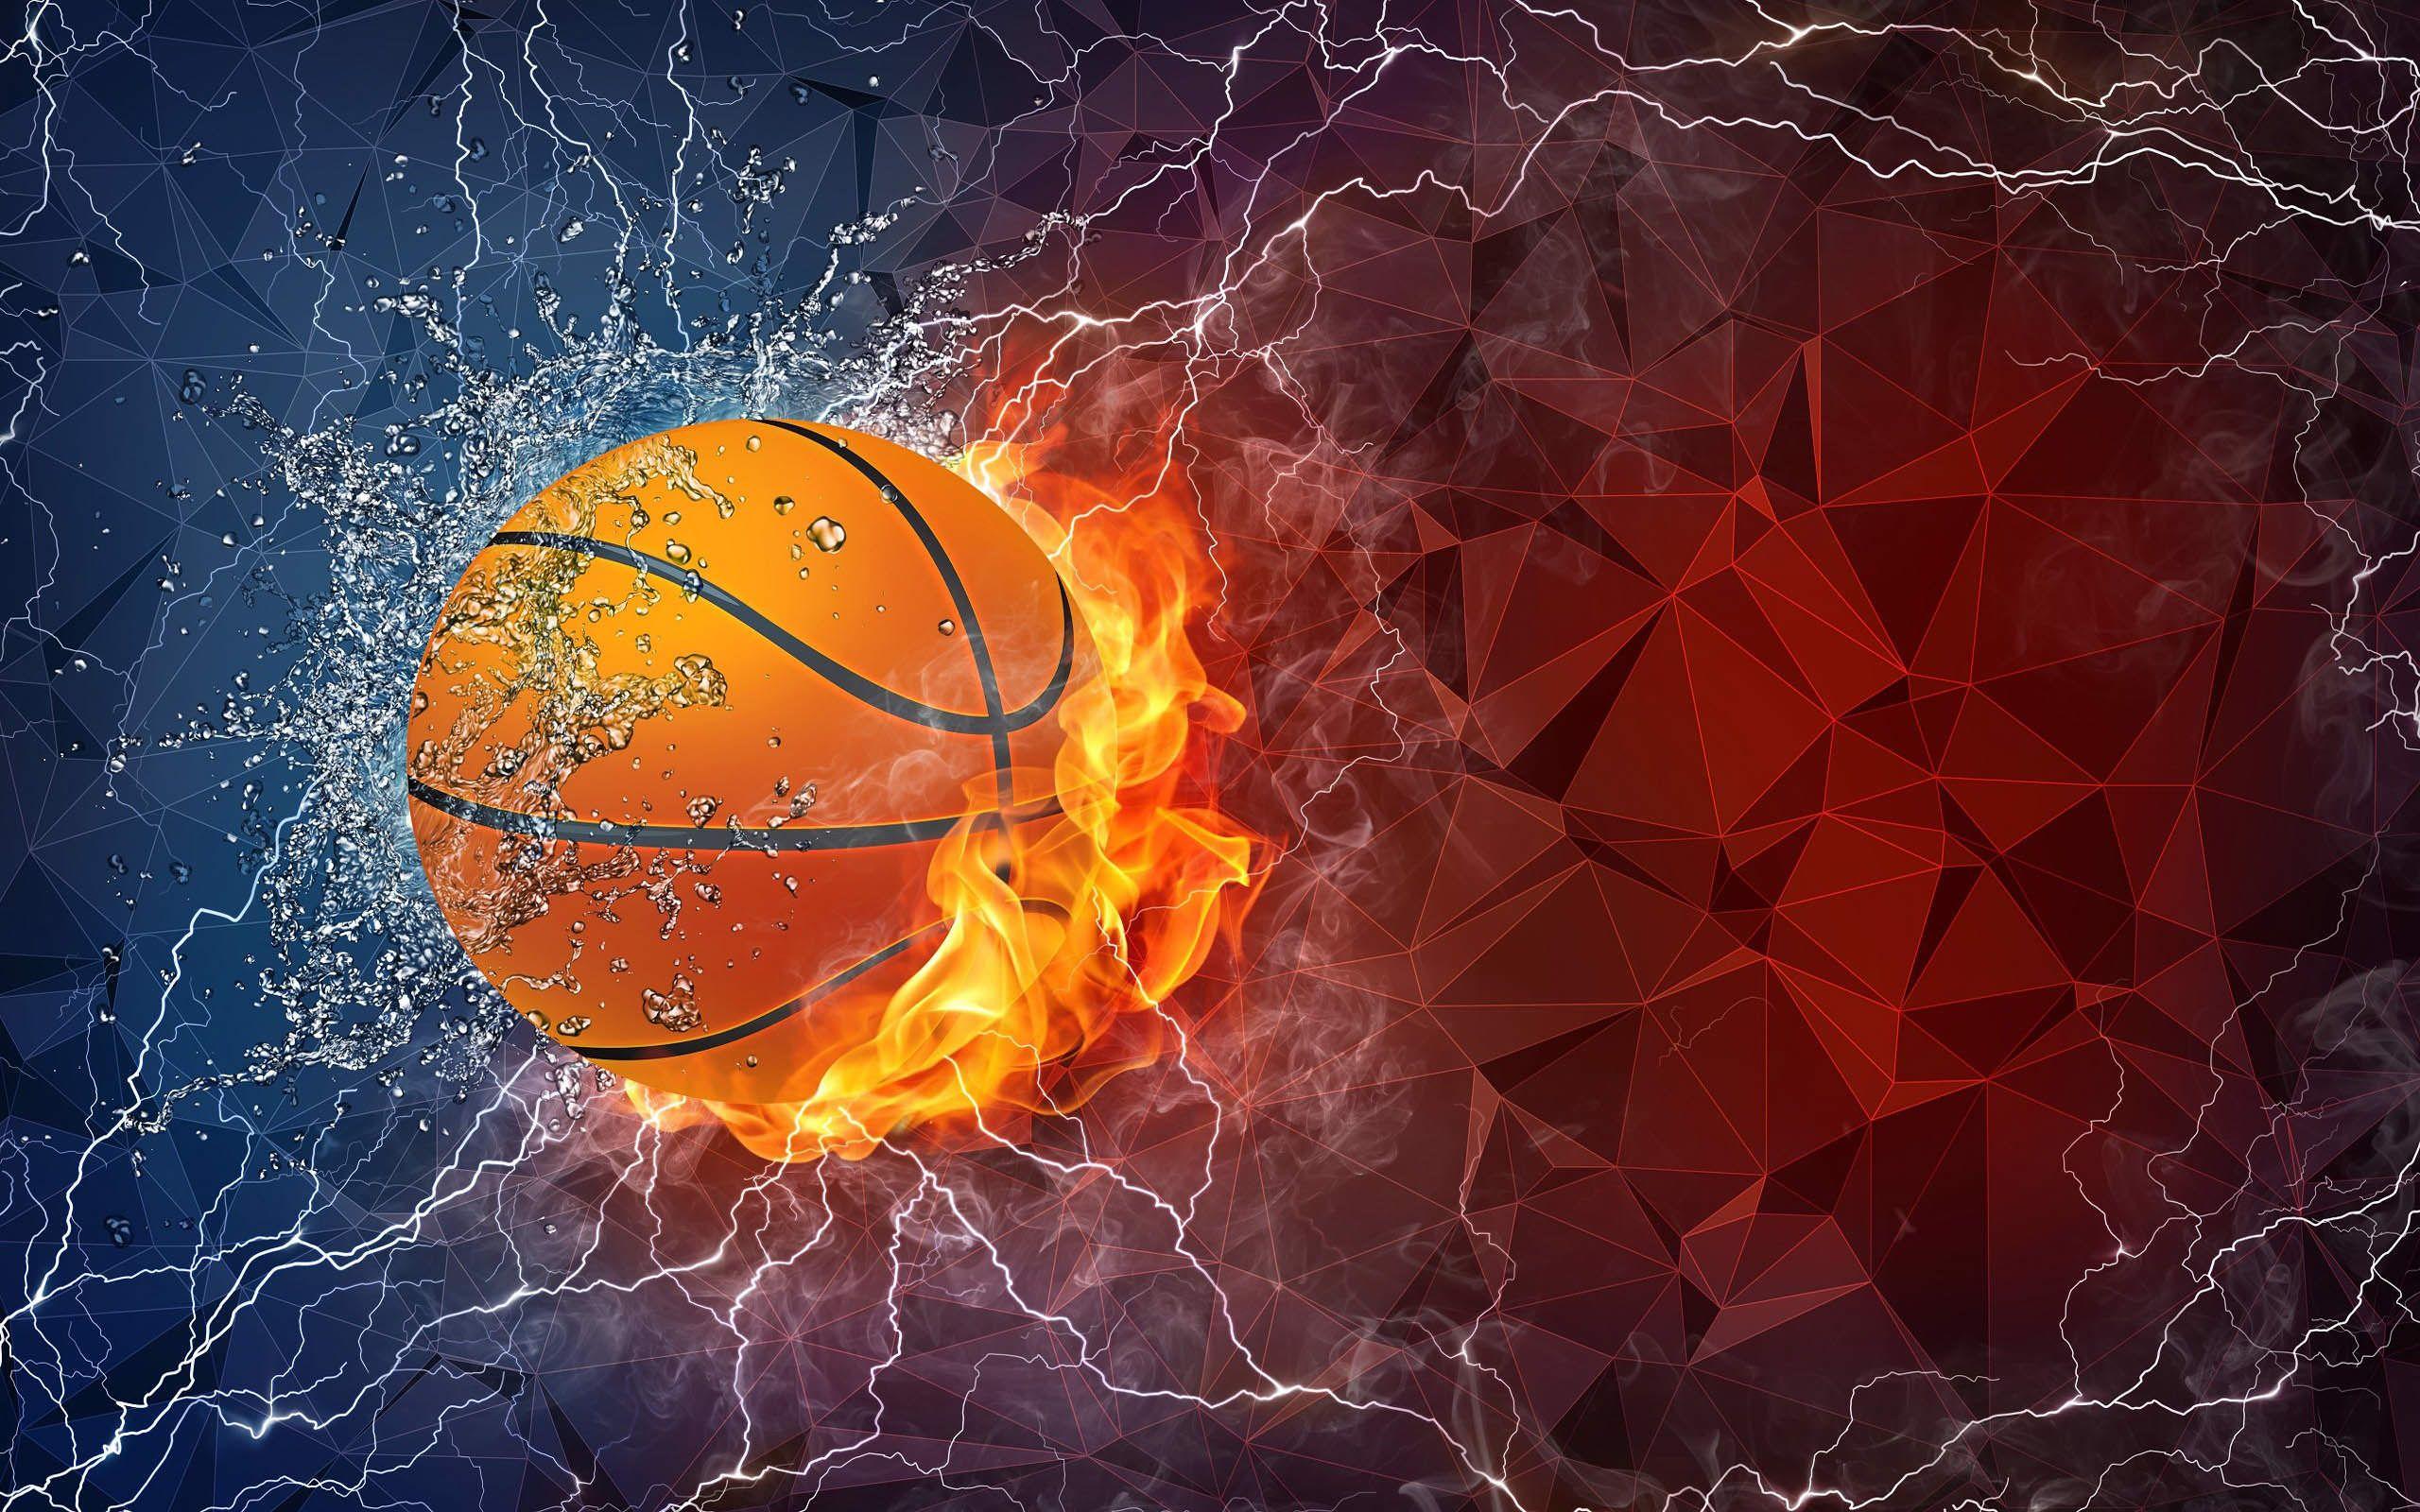 Nba 3d Wallpaper 2560x1600 Basketball Wallpaper Cool Basketball Wallpapers Basketball Wallpapers Hd